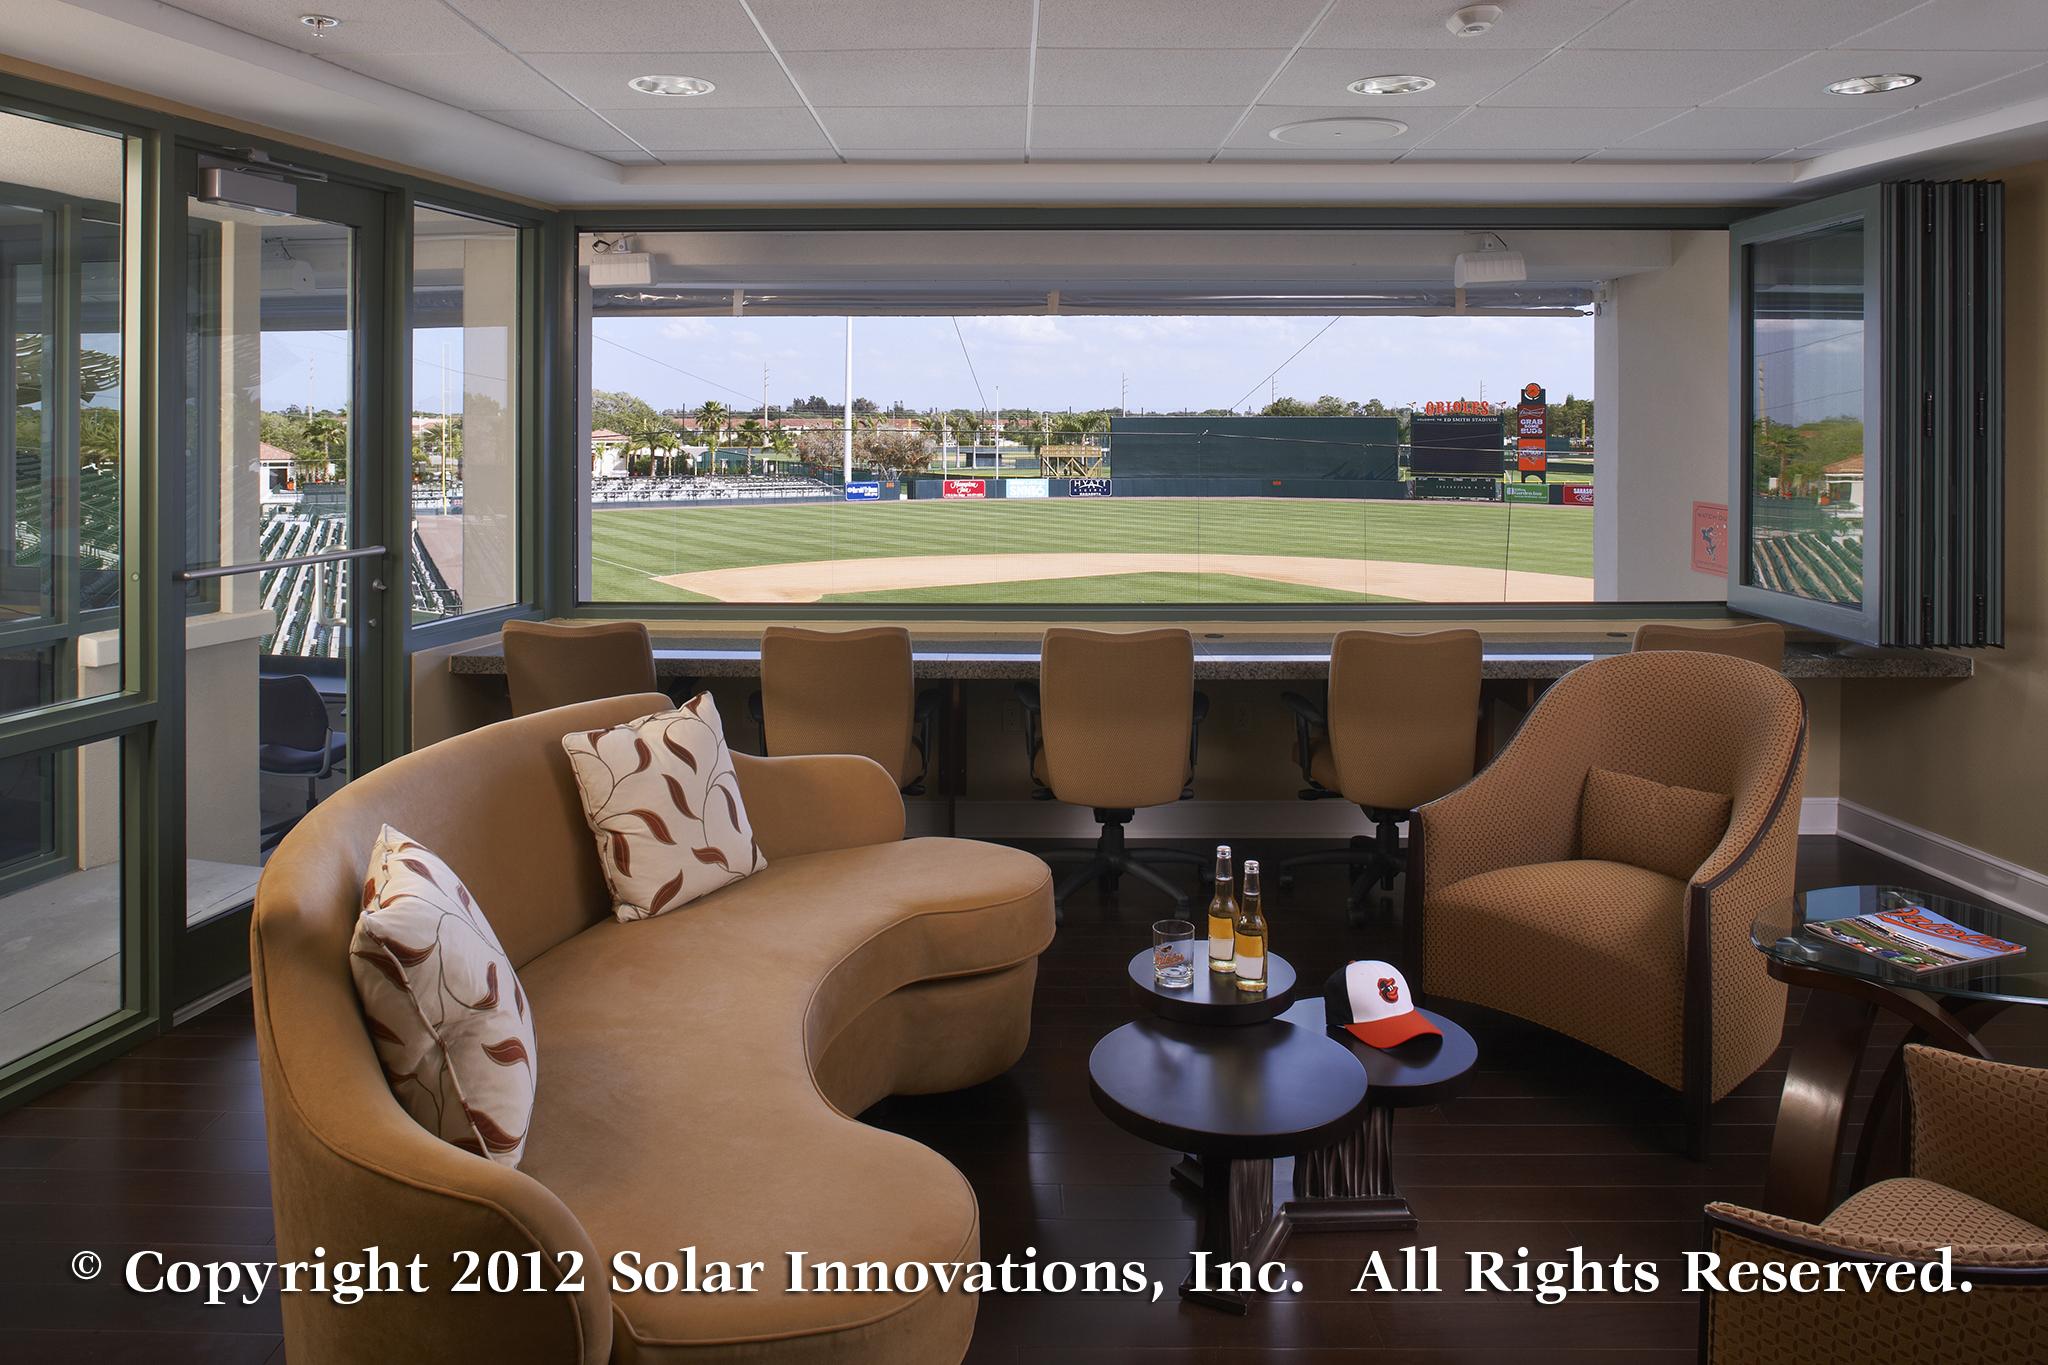 http://solarinnovations.typepad.com/.a/6a00d834a26e5869e2017616fcf3af970c-pi